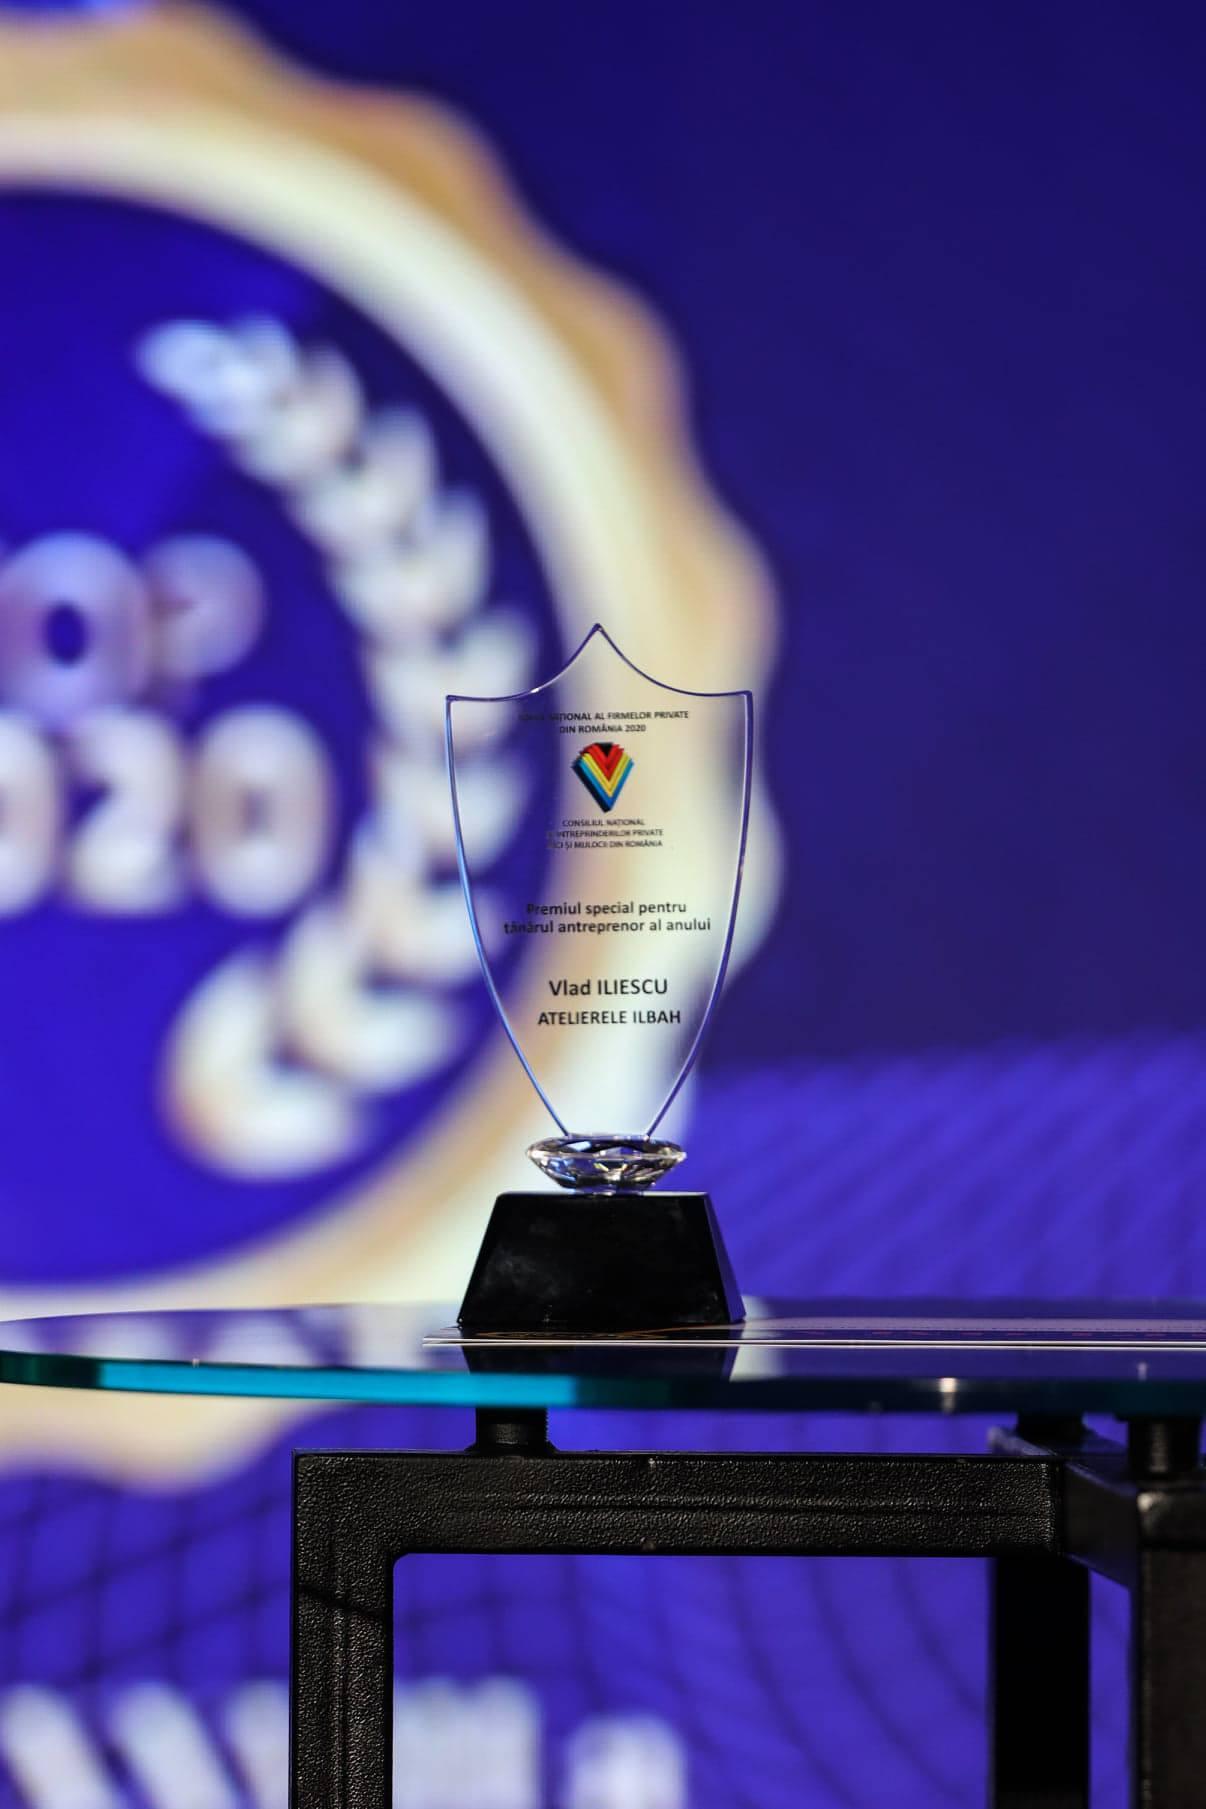 """(P) Vlad Iliescu, directorul general Atelierele ILBAH, obtine premiul pentru """"Tanarul antreprenor al anului"""" iar Atelierele ILBAH este numarul 1 in Bucuresti"""